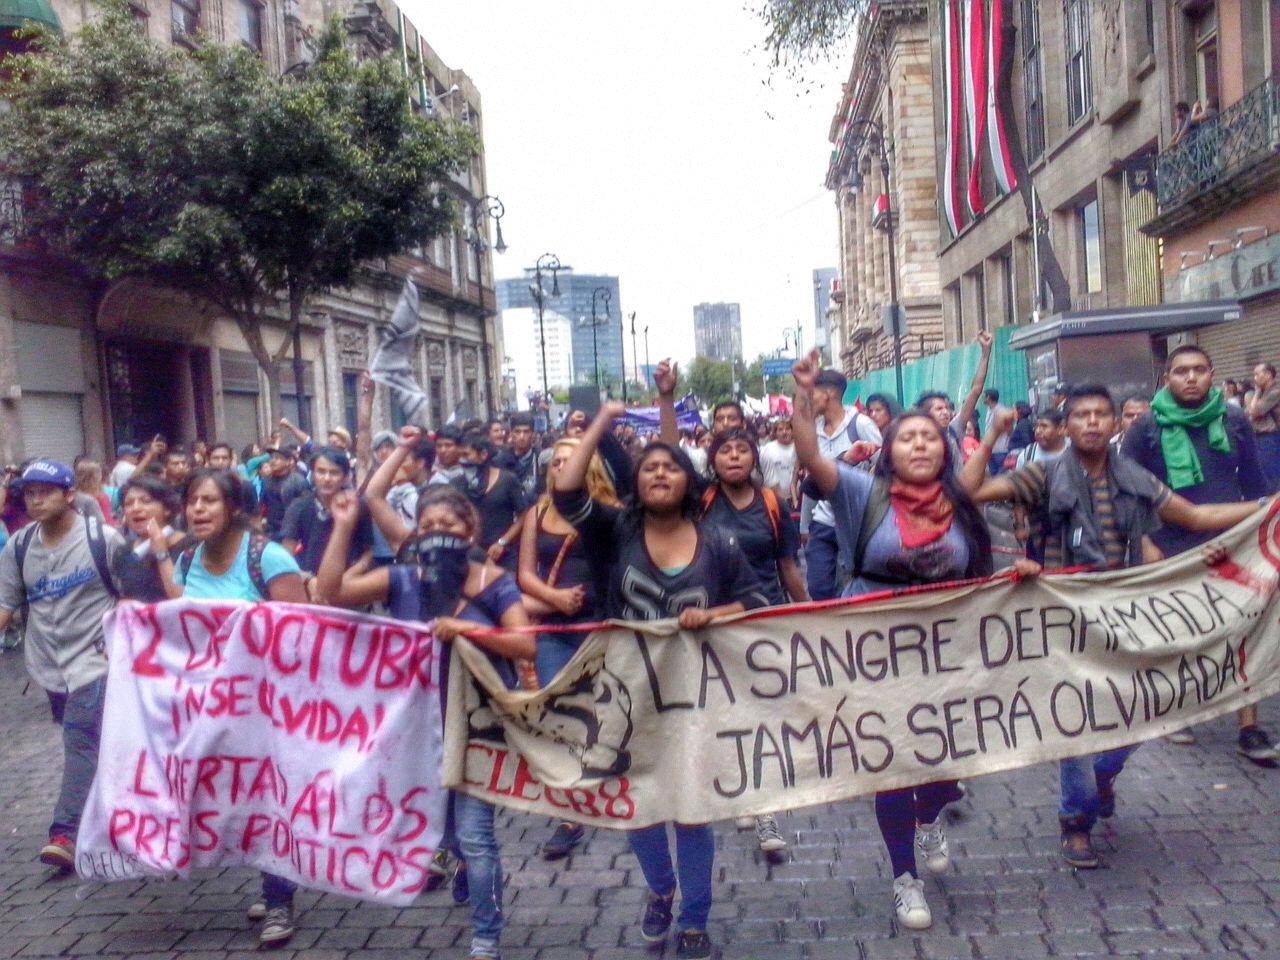 43 étudiants «disparus» au Mexique: lumière sur les enlèvements et les assassinats de la police d'Etat!